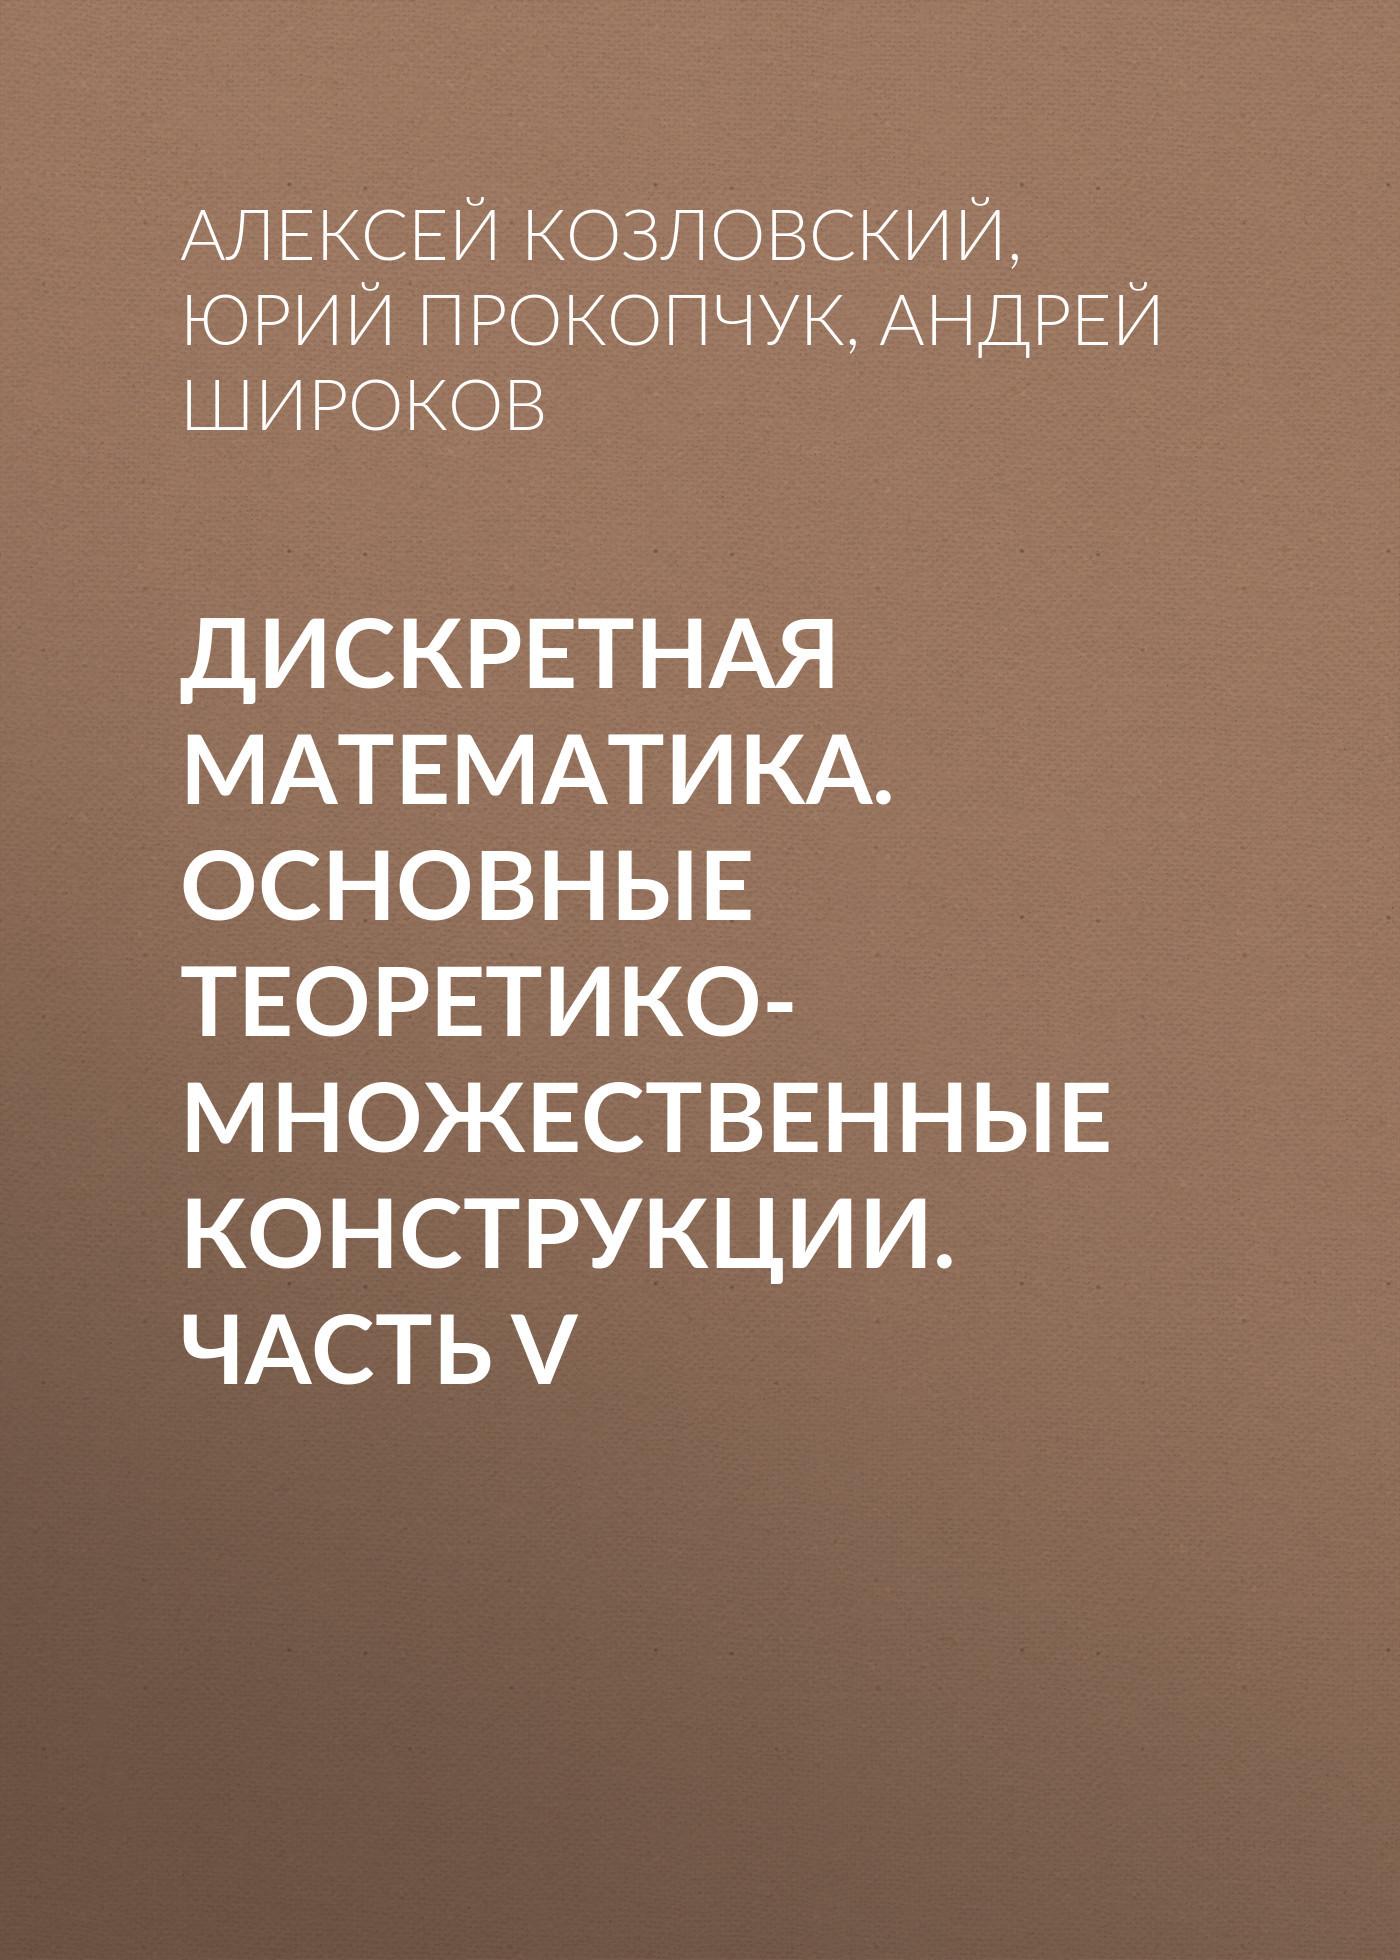 Андрей Широков Дискретная математика. Основные теоретико-множественные конструкции. Часть V и в бабичева дискретная математика контролирующие материалы к тестированию